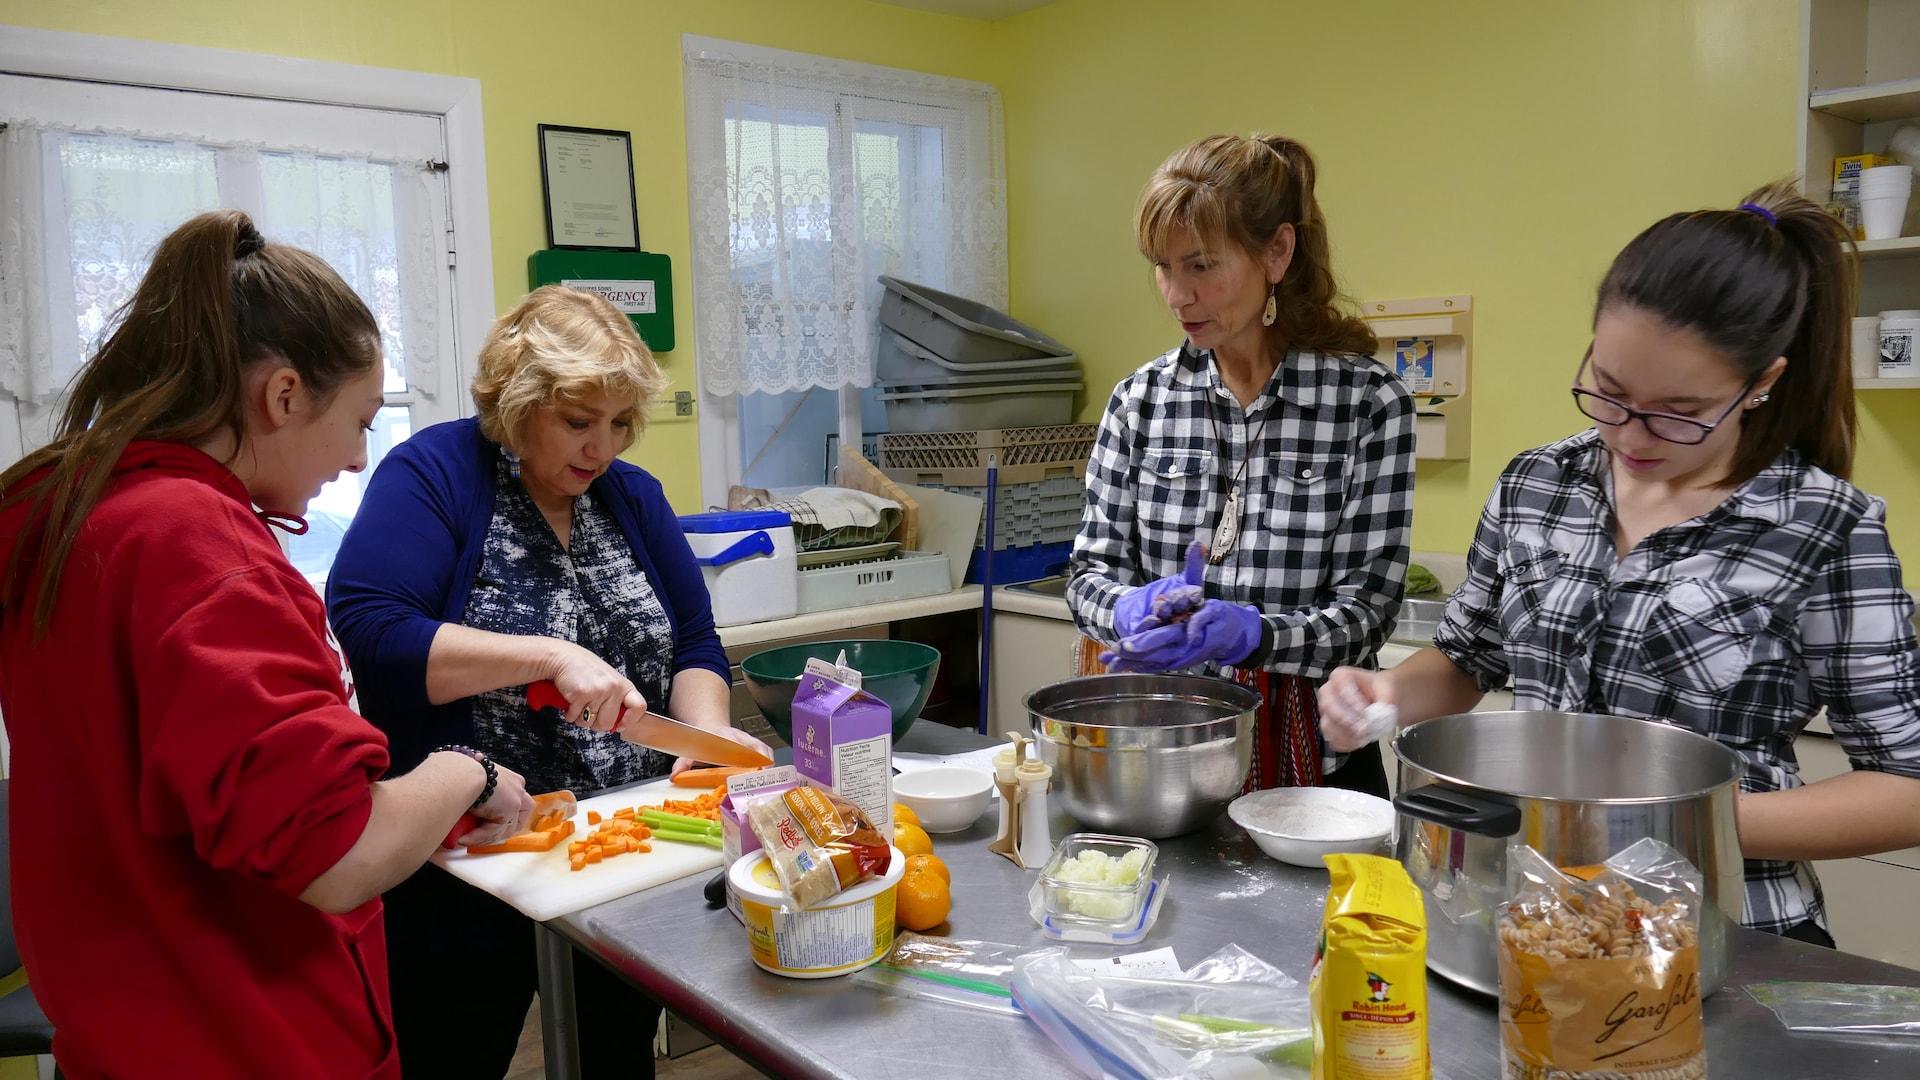 Deux femmes et deux filles coupent des légumes et forment des boulettes de viande sur un îlot de cuisine.